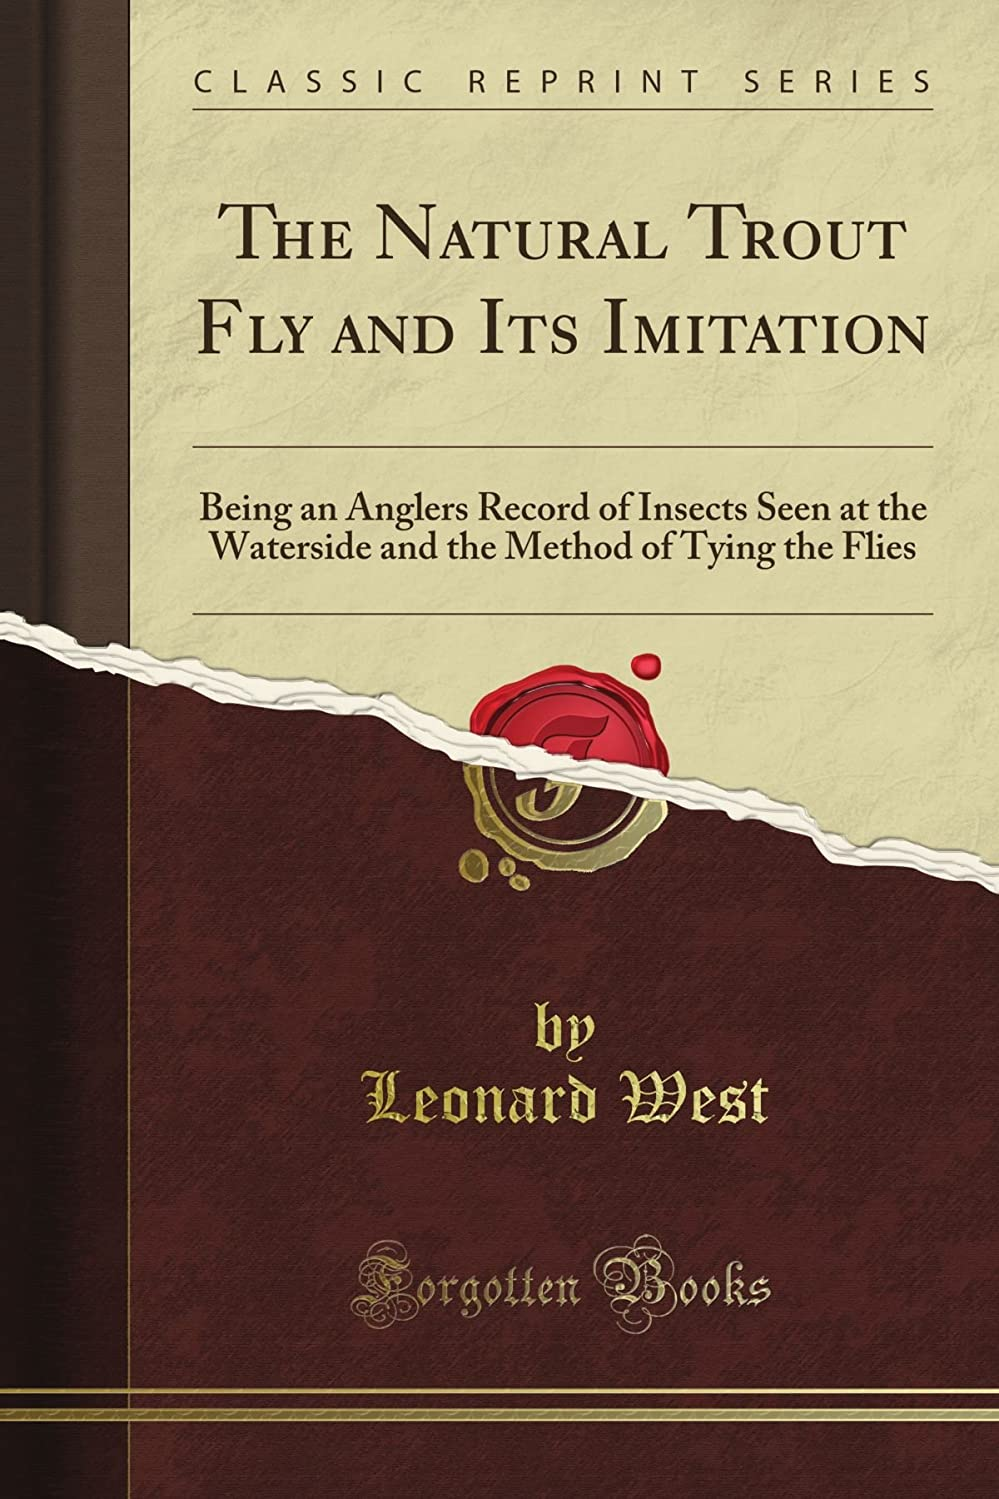 飽和するかんたん悪名高いThe Natural Trout Fly and Its Imitation: Being an Angler's Record of Insects Seen at the Waterside and the Method of Tying the Flies (Classic Reprint)